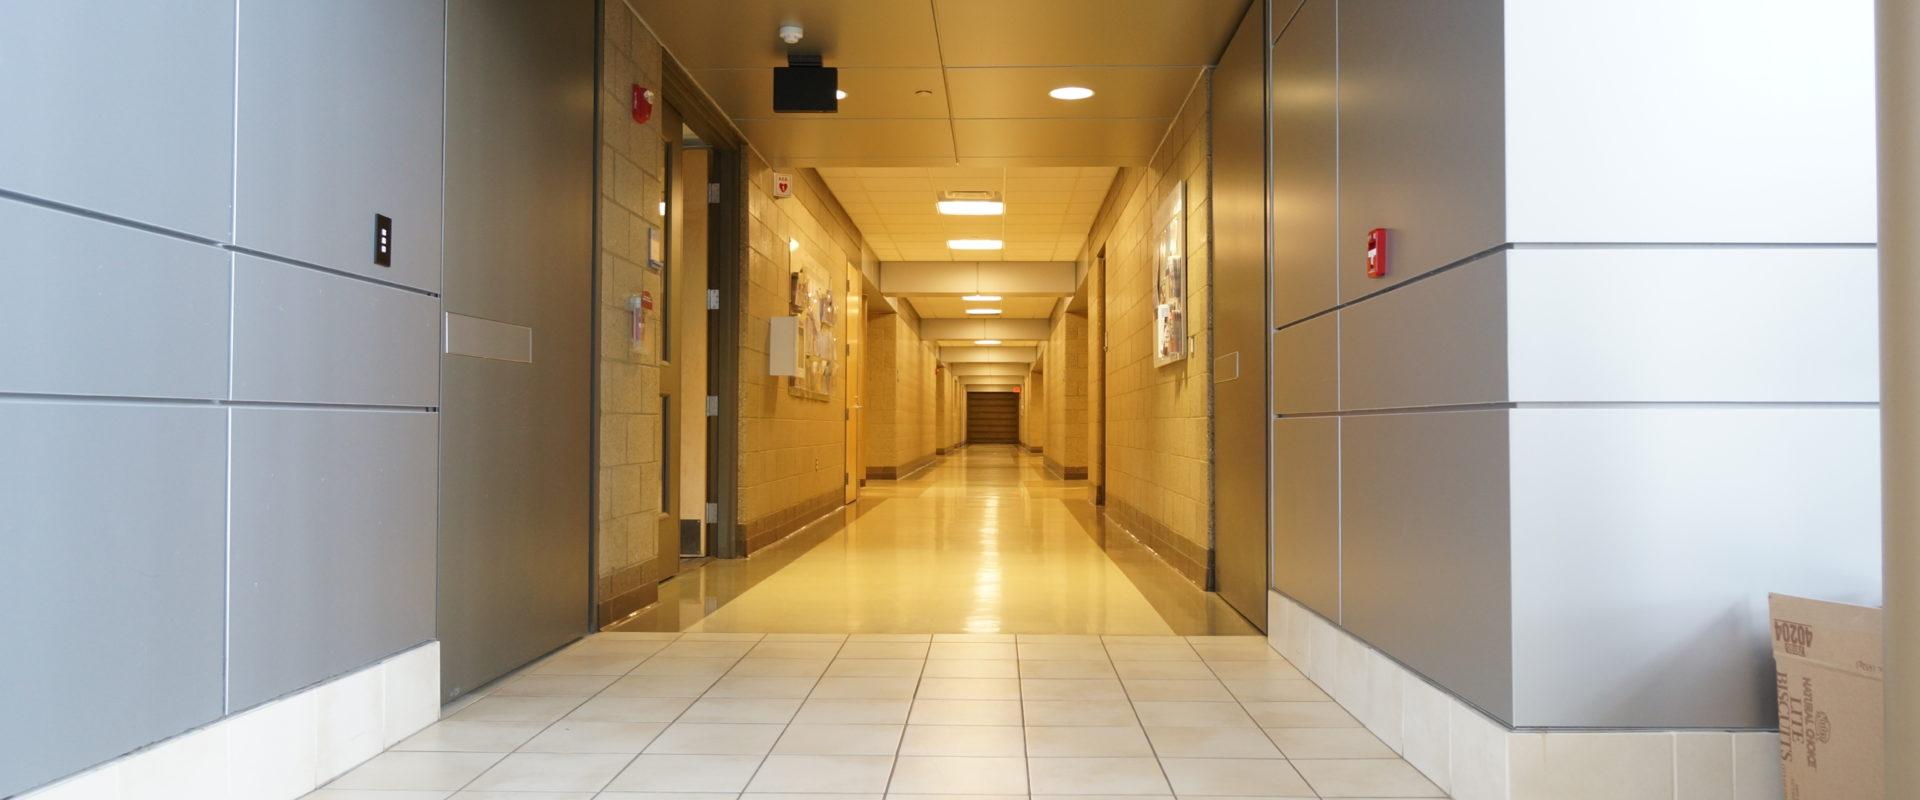 Cross Corridor Total Doors